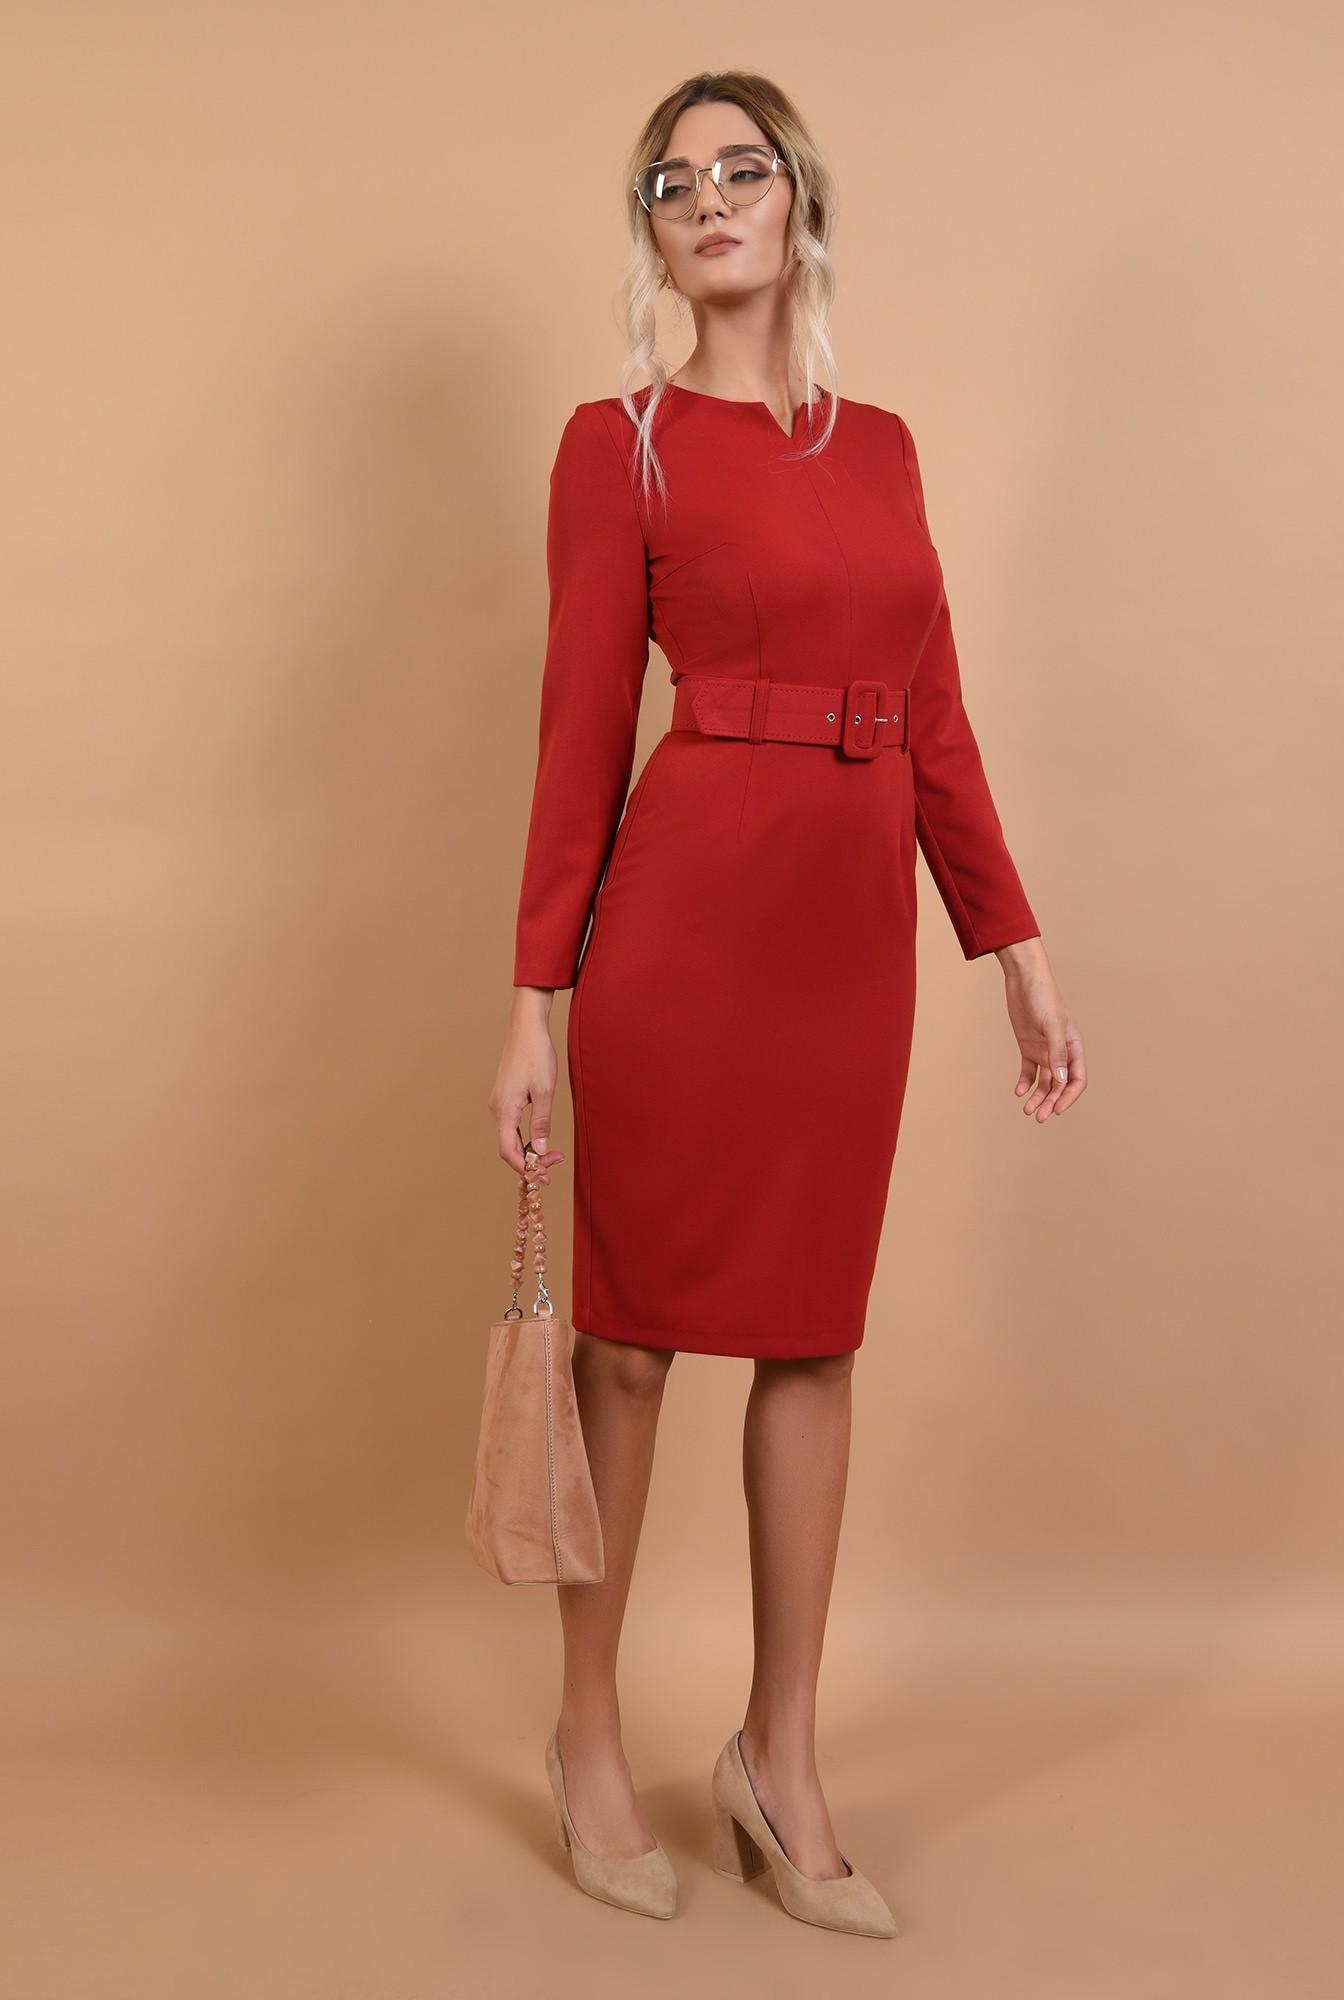 3 - rochie office, rosie, conica, cu centura, Poema